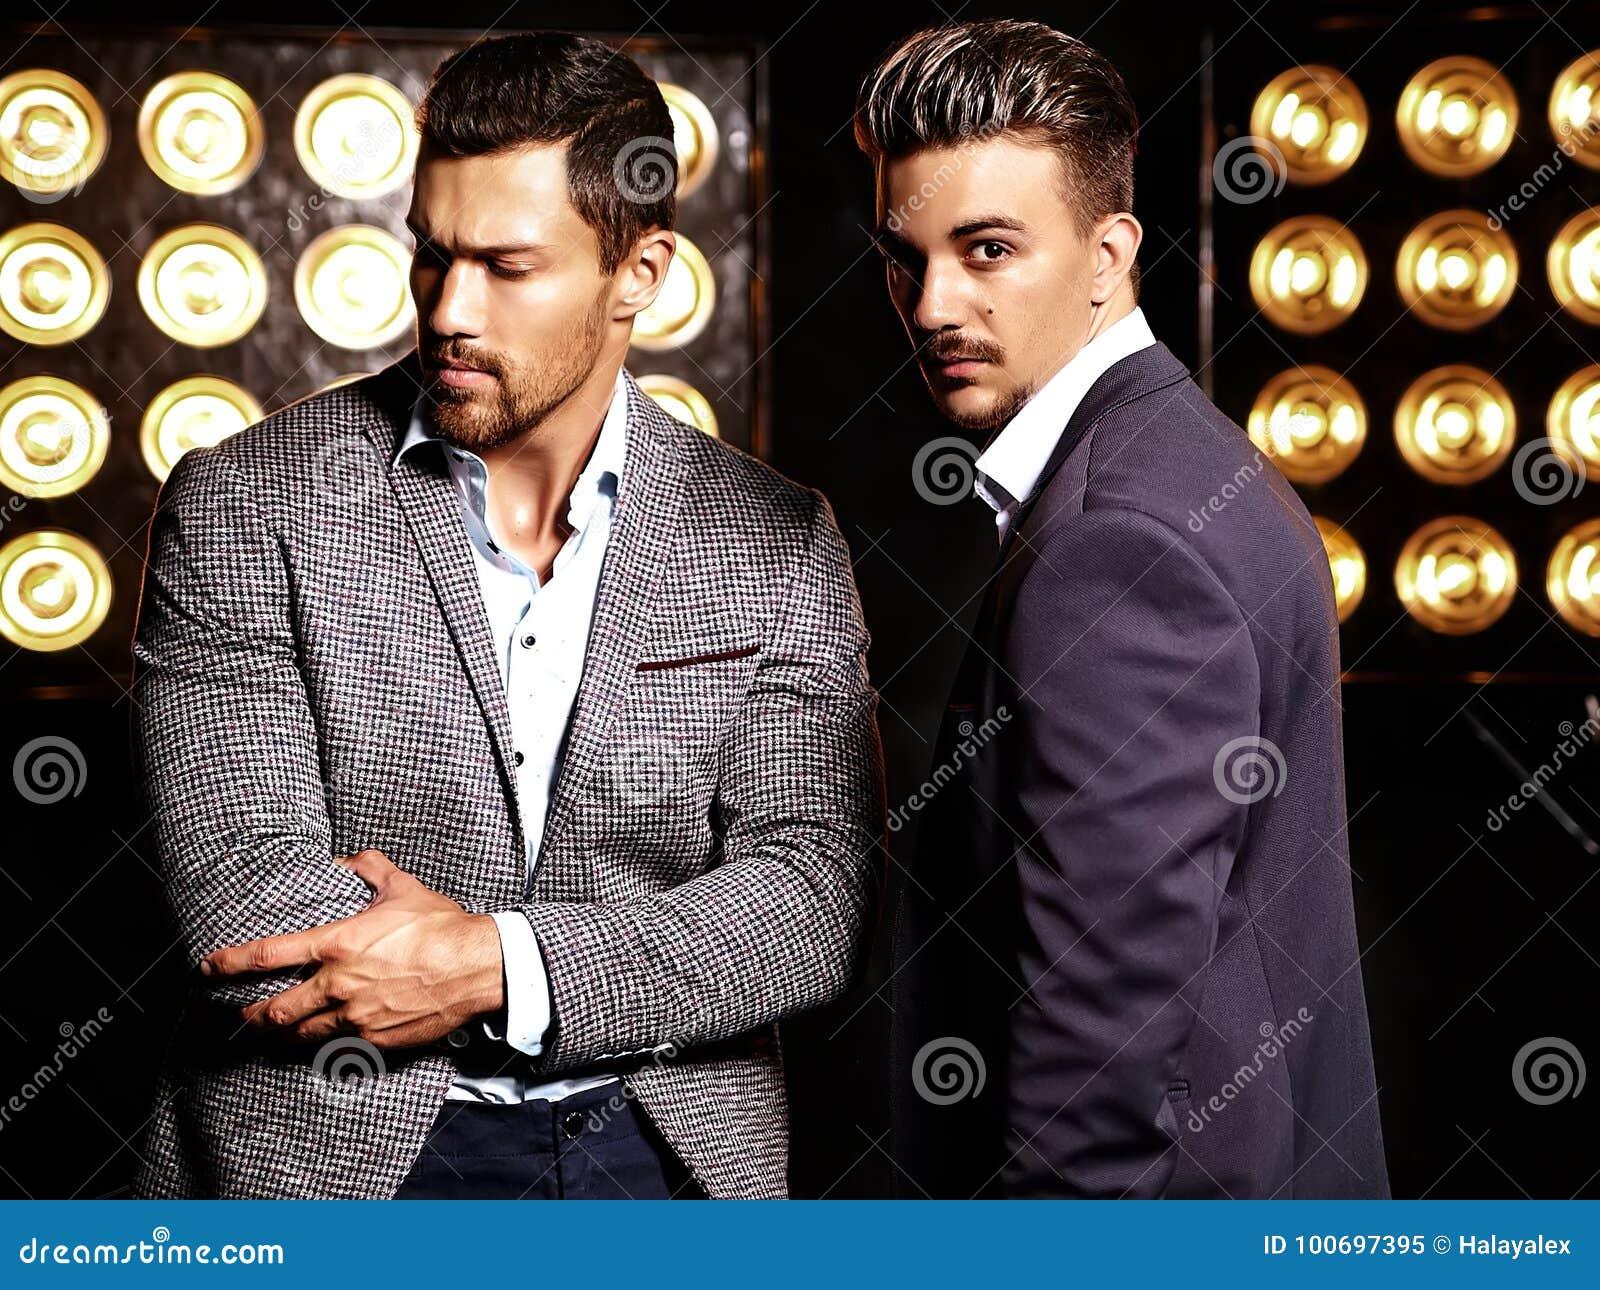 Twee sexy knappe mensen van manier mannelijke modellen kleedden zich in elegante kostuums